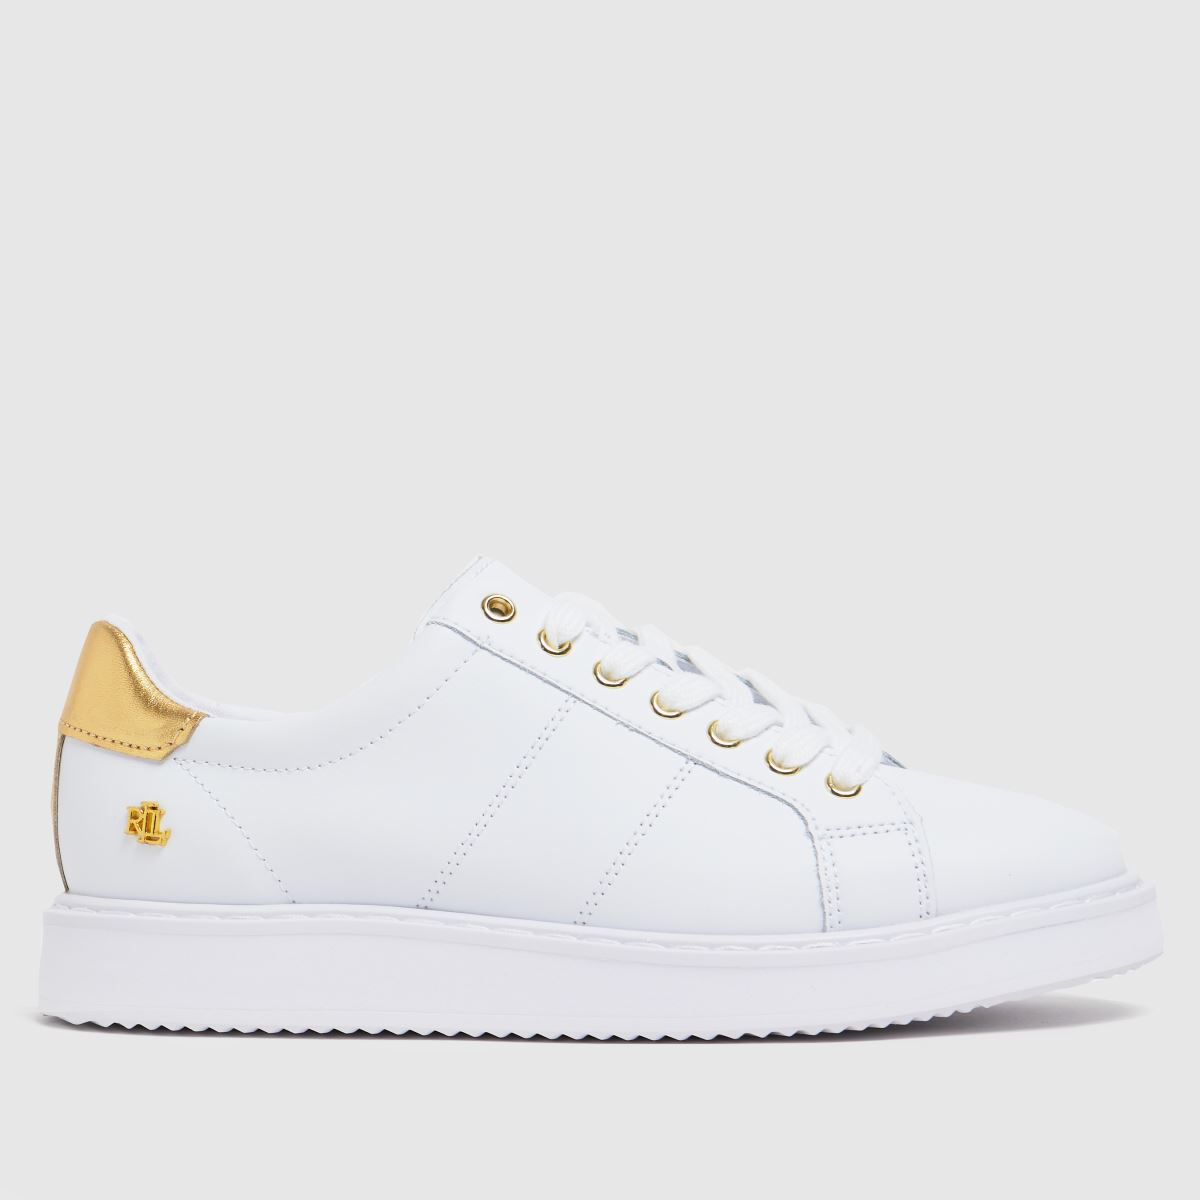 LAUREN RALPH LAUREN White & Gold Angeline Ii Sneaker Trainers